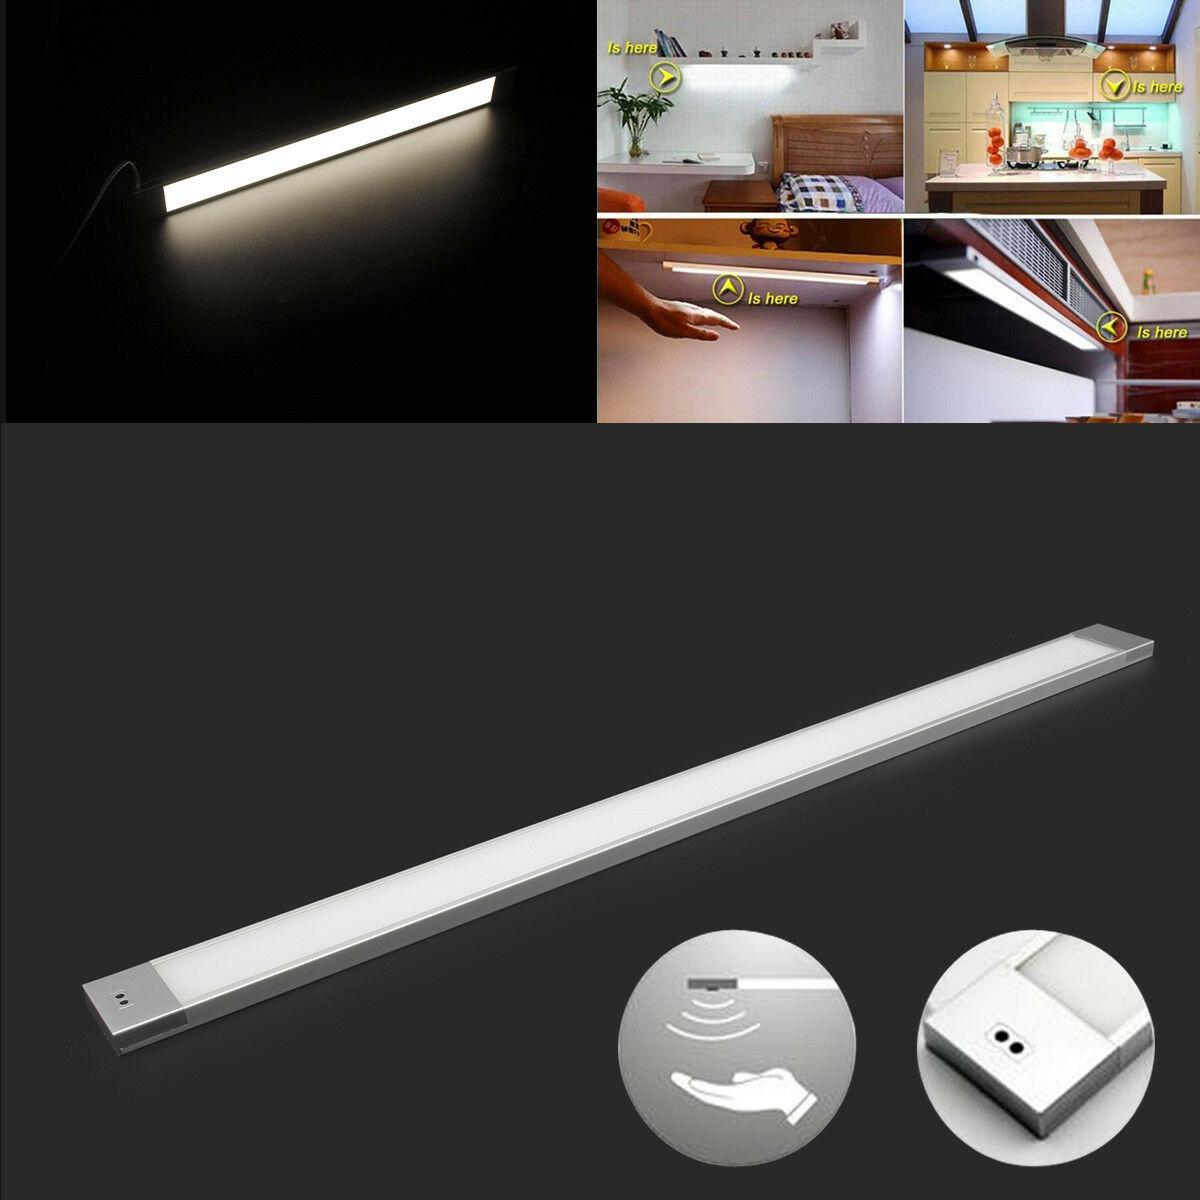 Full Size of 12w Flchenleuchte Led Unterbauleuchte Dnn Mbelleuchte Sensor Wohnzimmer Küchenleuchte